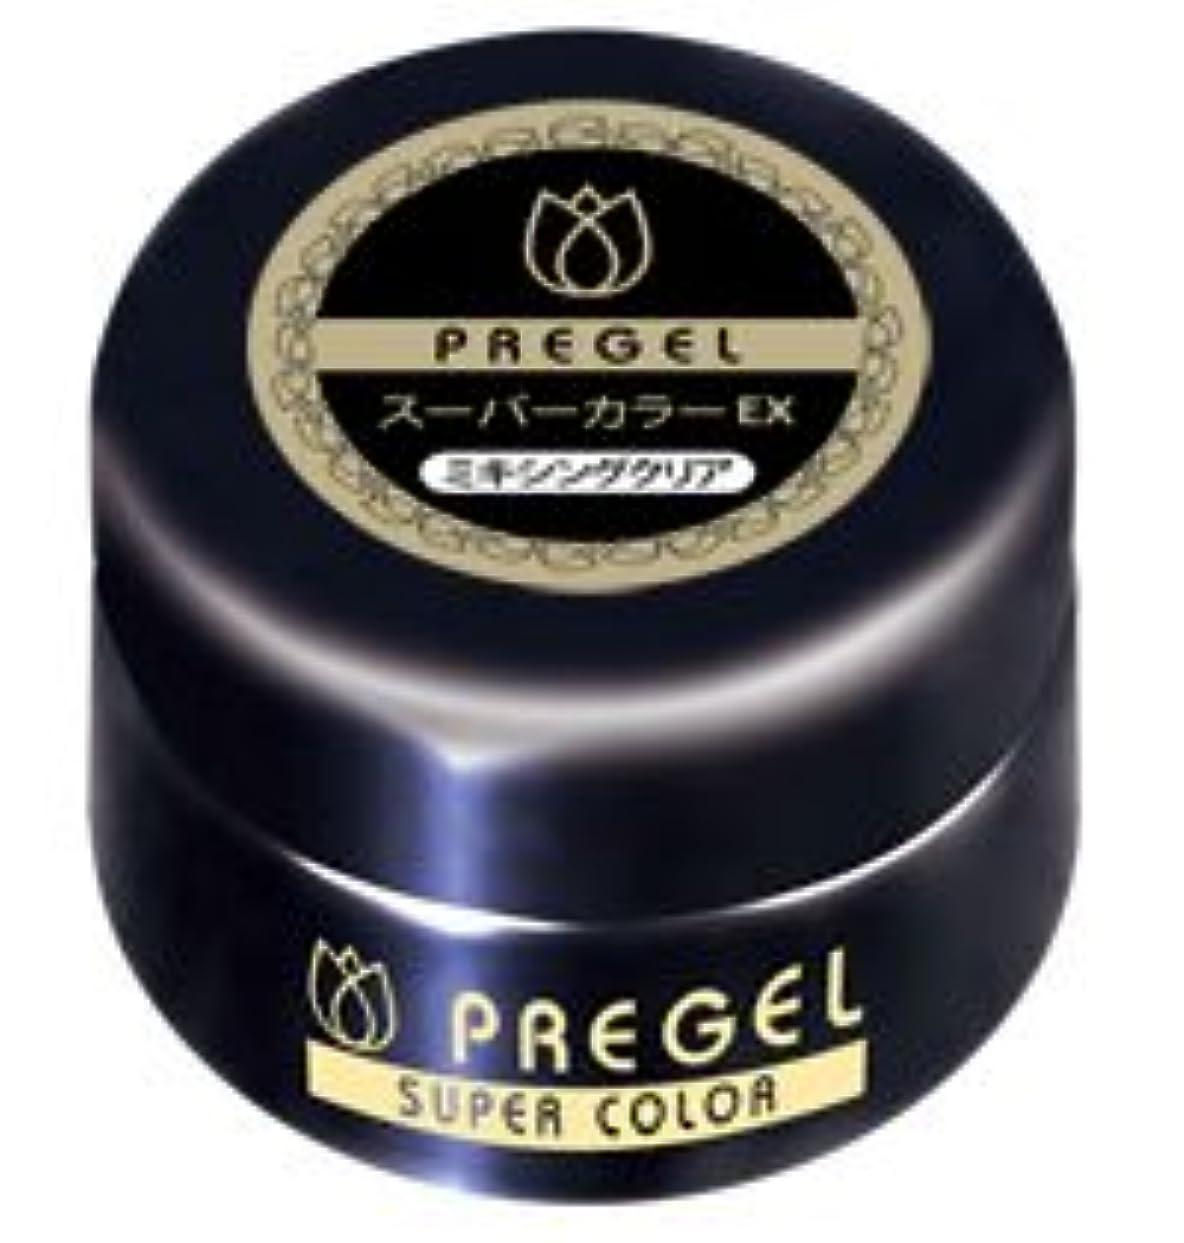 違う誓い再集計PREGEL(プリジェル) スーパーカラーEx PG-SE000 <BR>ミキシングクリア 4g